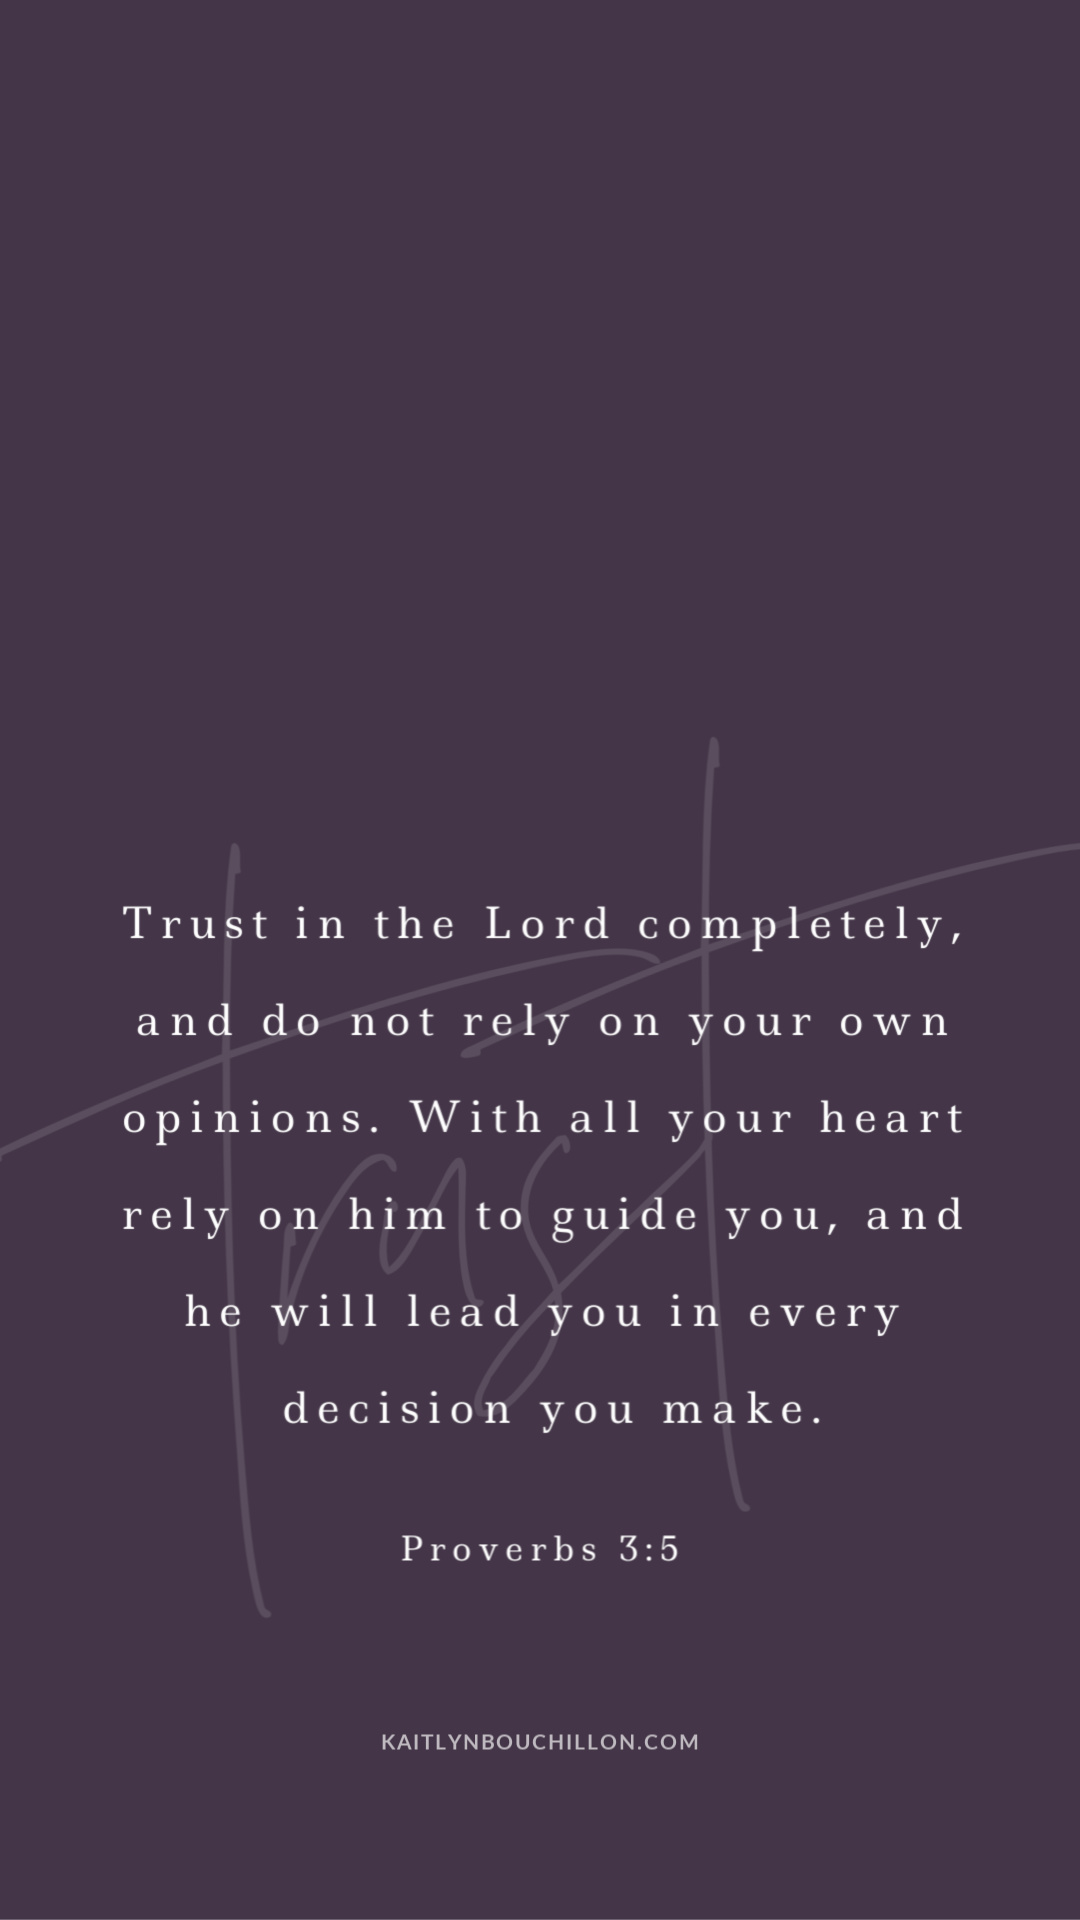 free iPhone lock screen: Proverbs 3